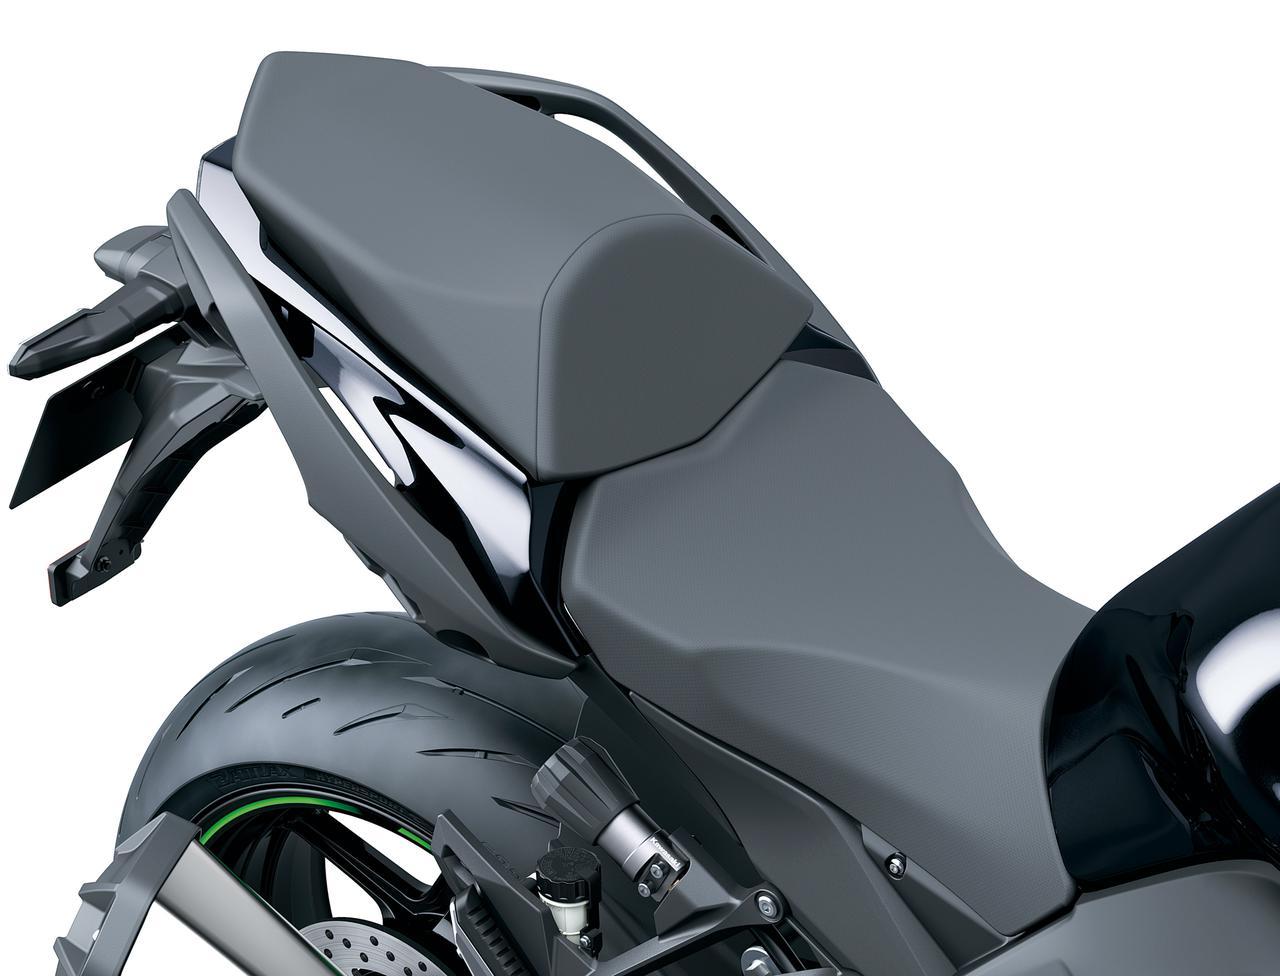 Images : 8番目の画像 - Ninja1000 SXの写真をまとめて見る! - webオートバイ